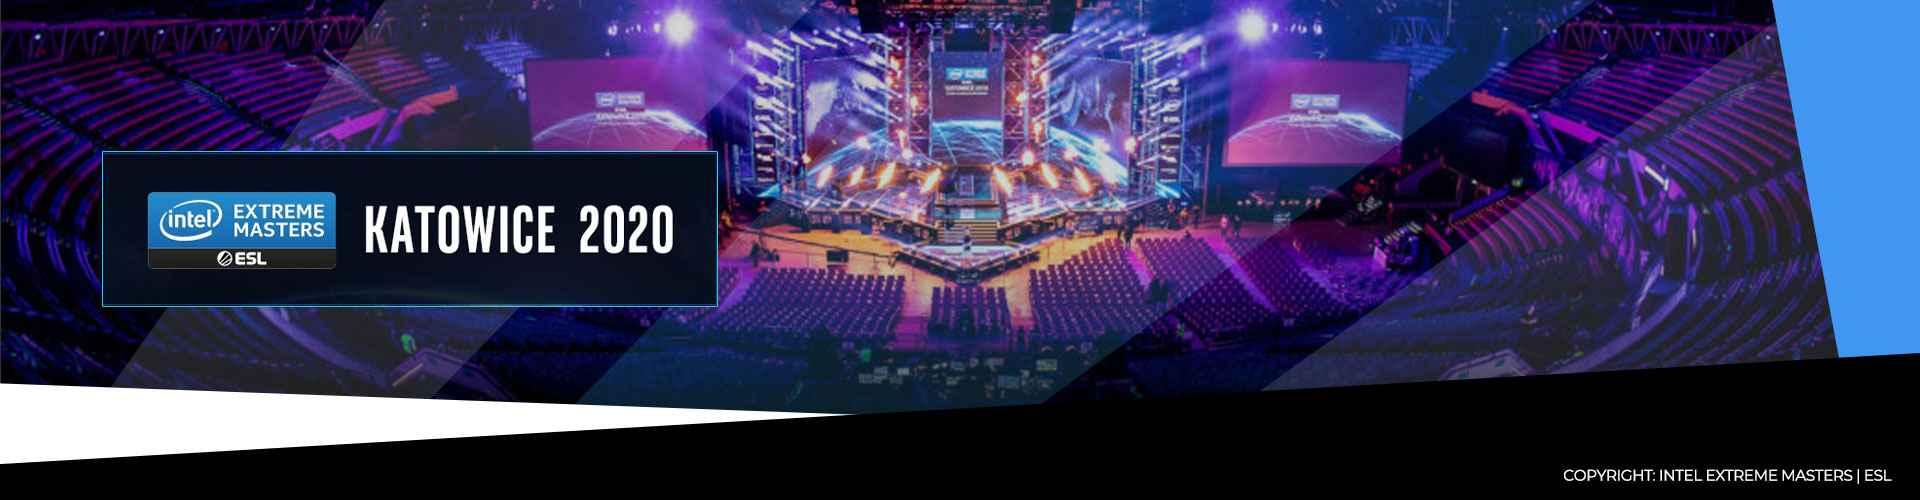 IEM Katowice 2020 pudotuspelien ennakko